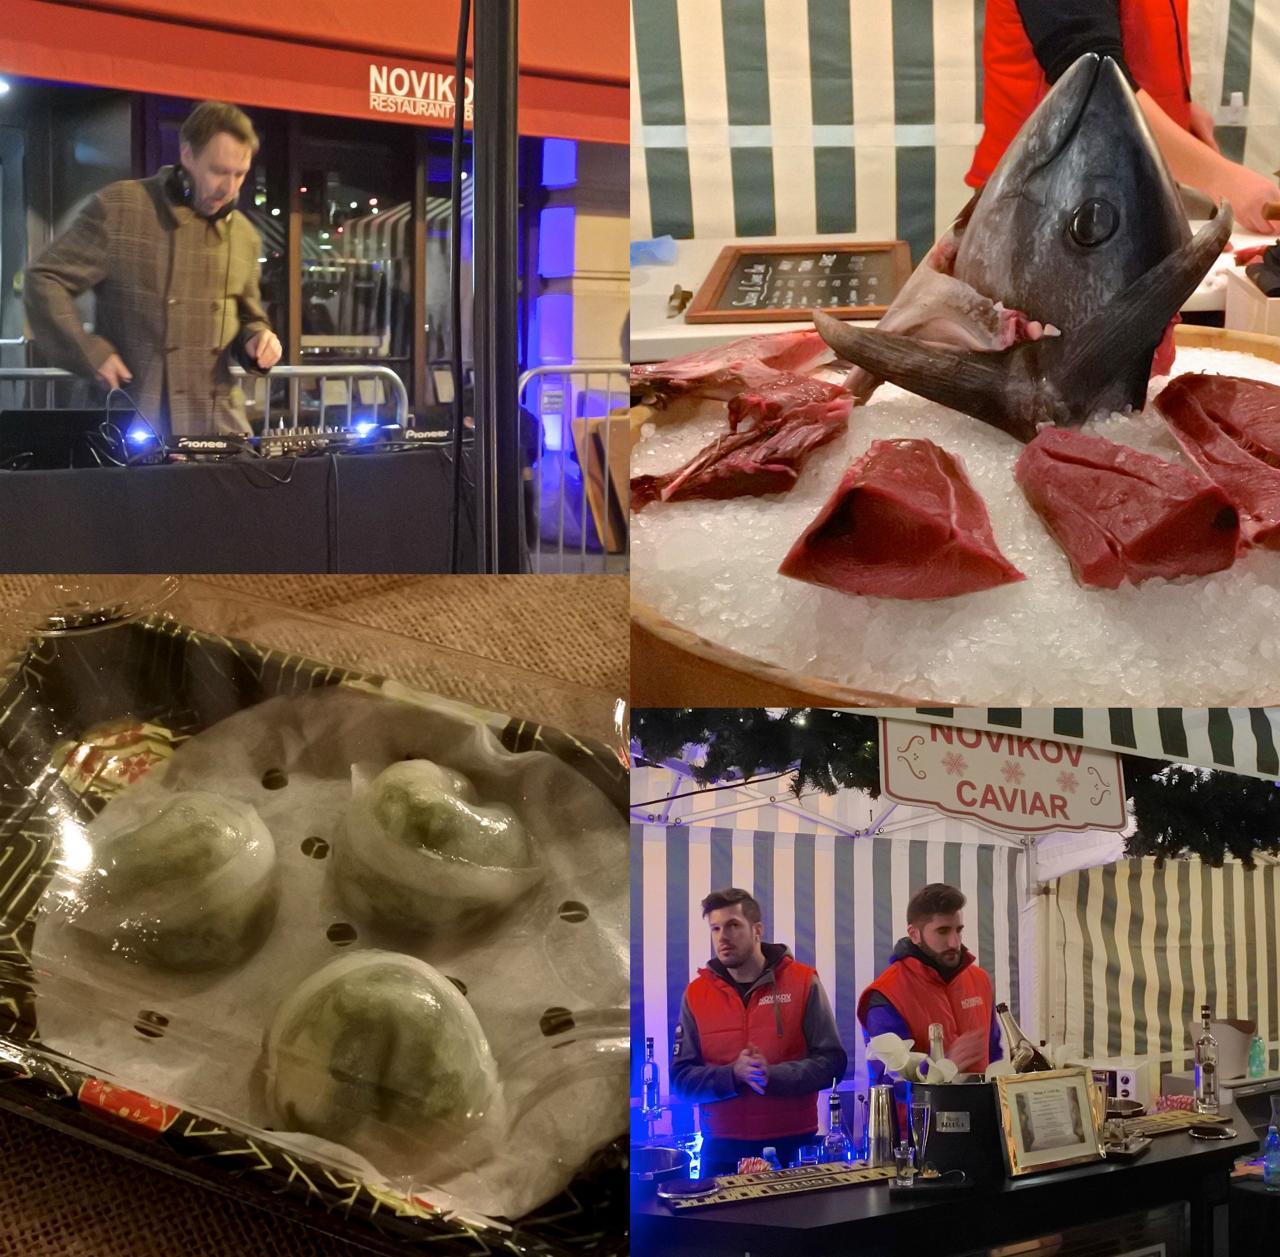 マグロ!!! 写真ないですが、刺身とか寿司とか、すごかったです。点心(これだけ食べた。塩強めだが旨し)キャビア屋台までっ